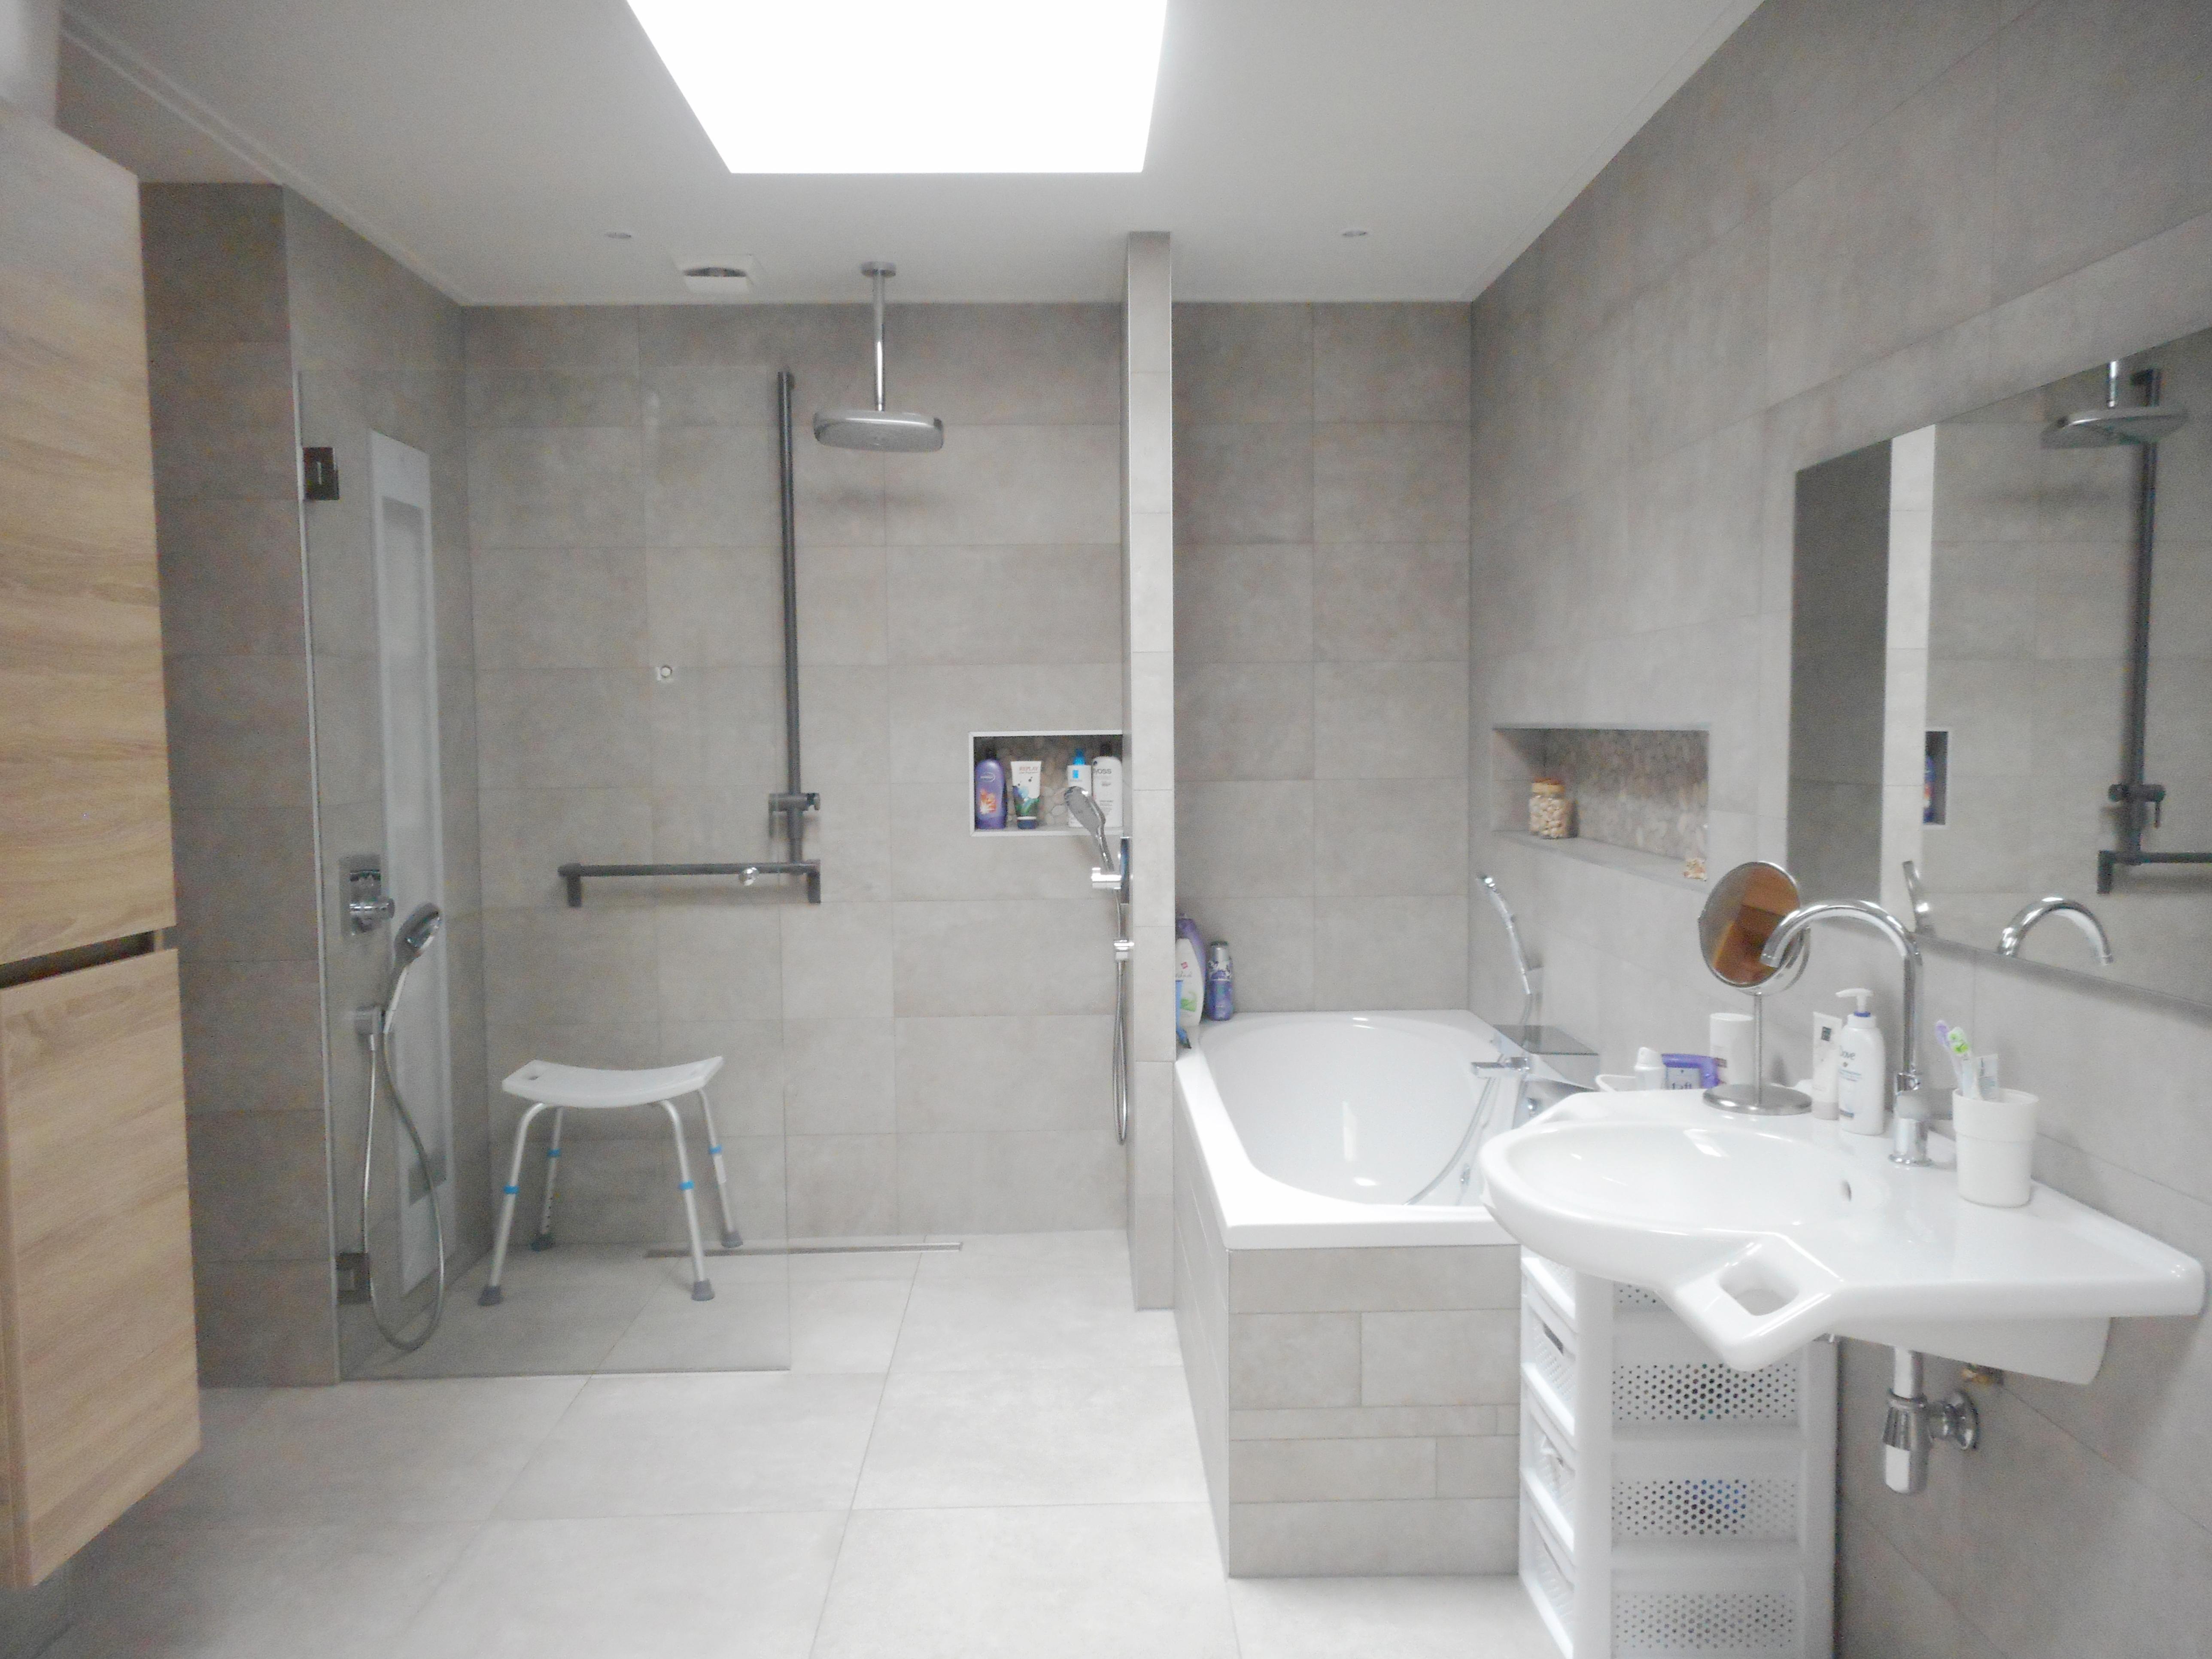 Waar Afzuiging Badkamer : Een badkamer inrichten wat zijn de belangrijkste basisregels